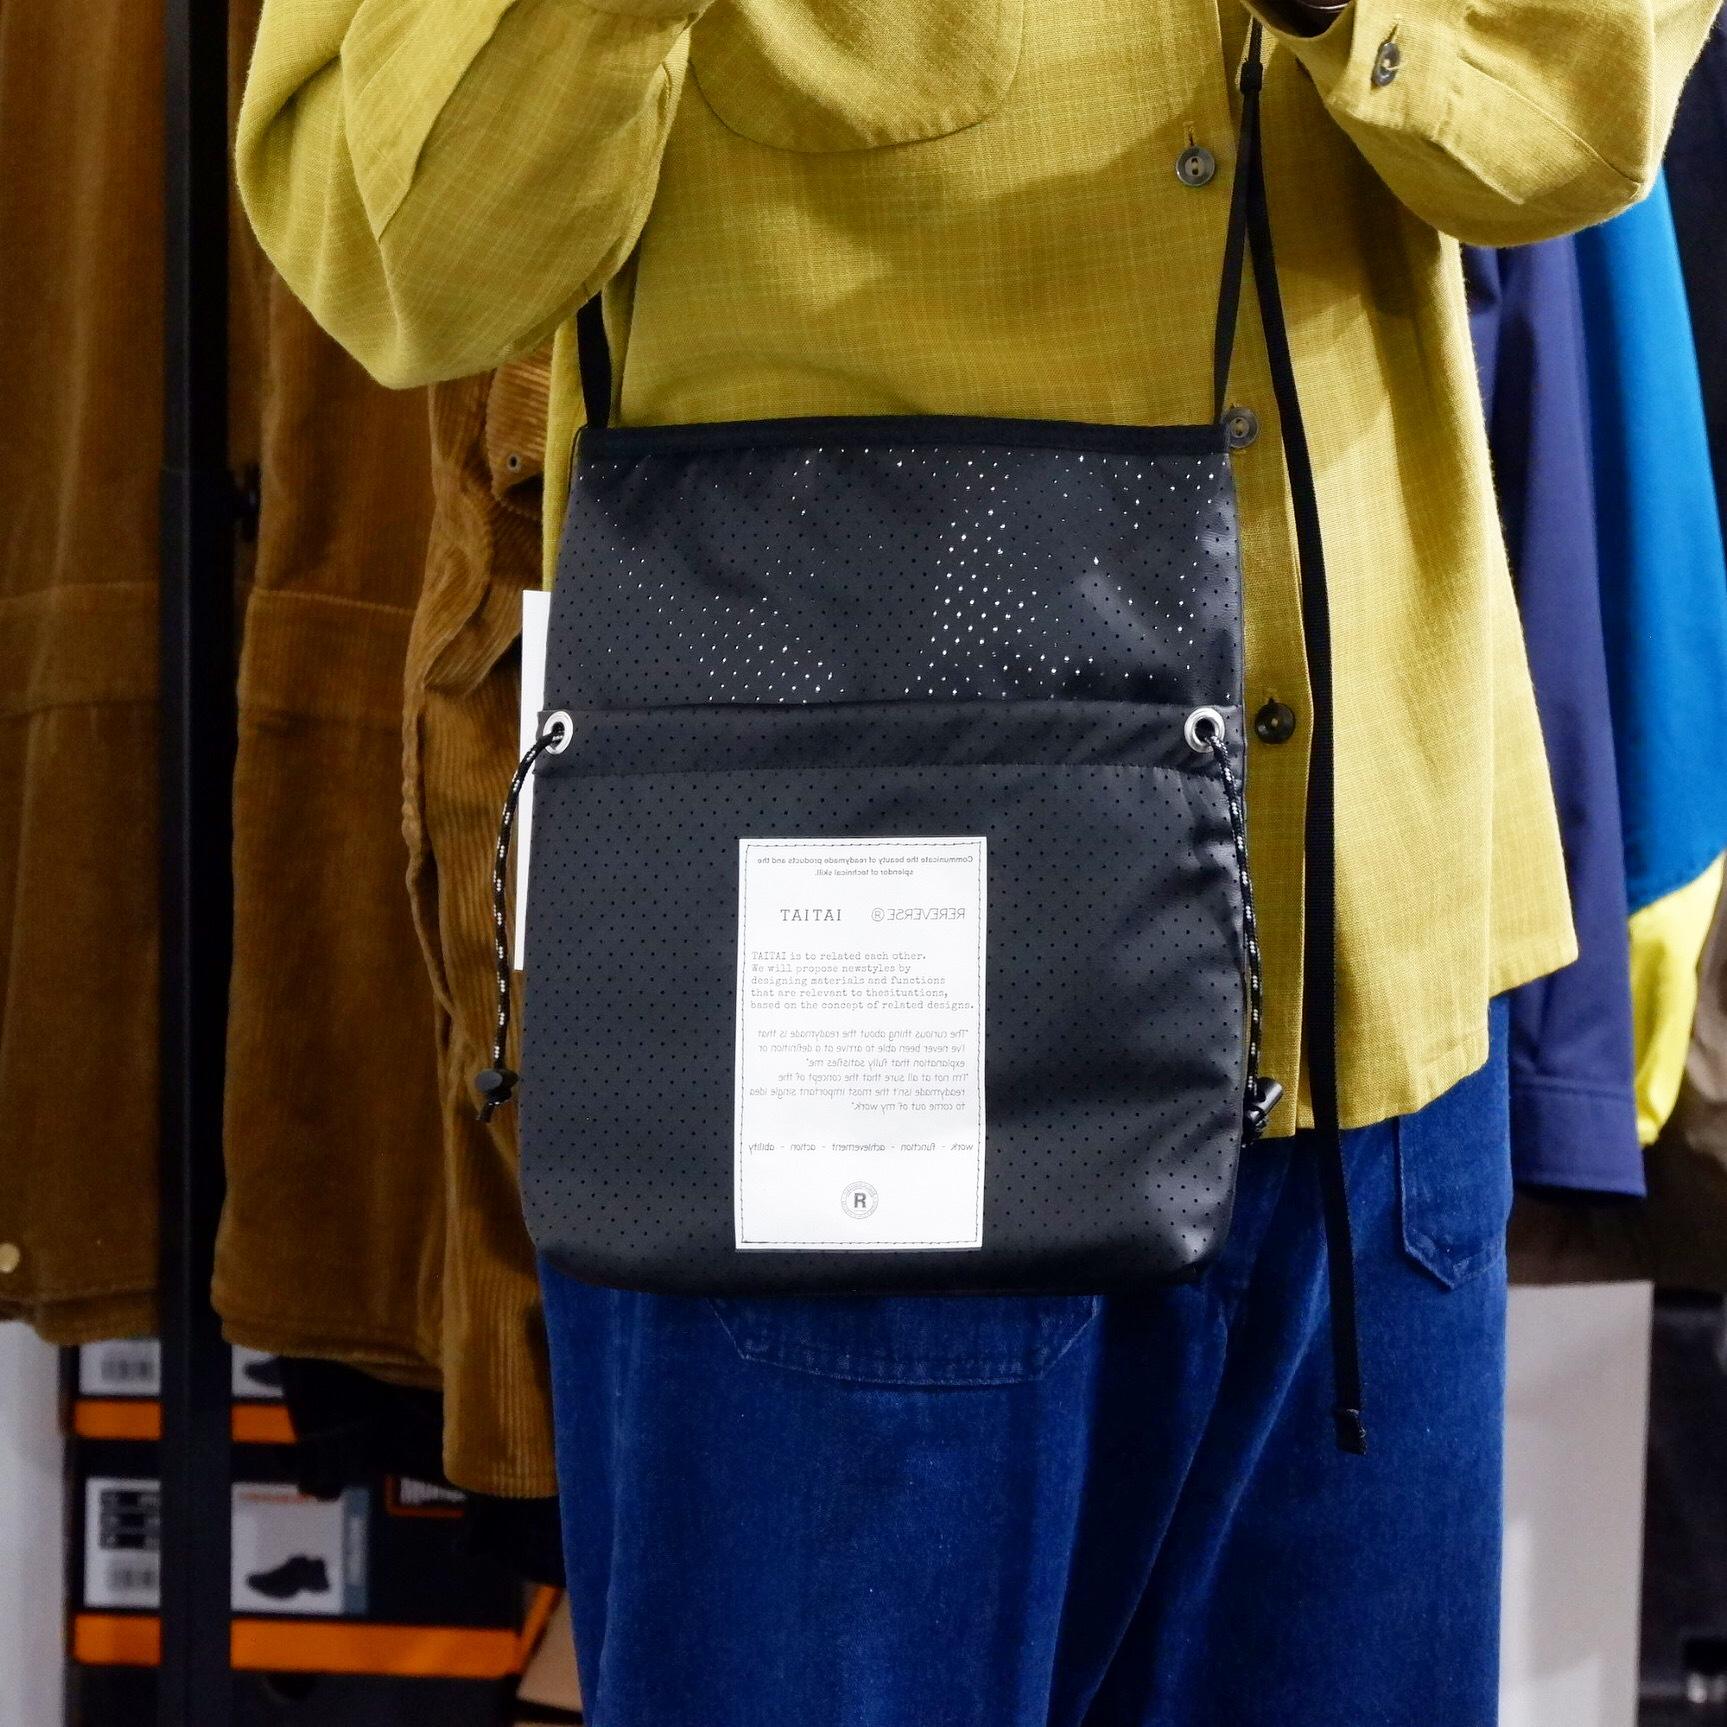 【TAITAI】Ultralight Coolerscoche Punching Leather